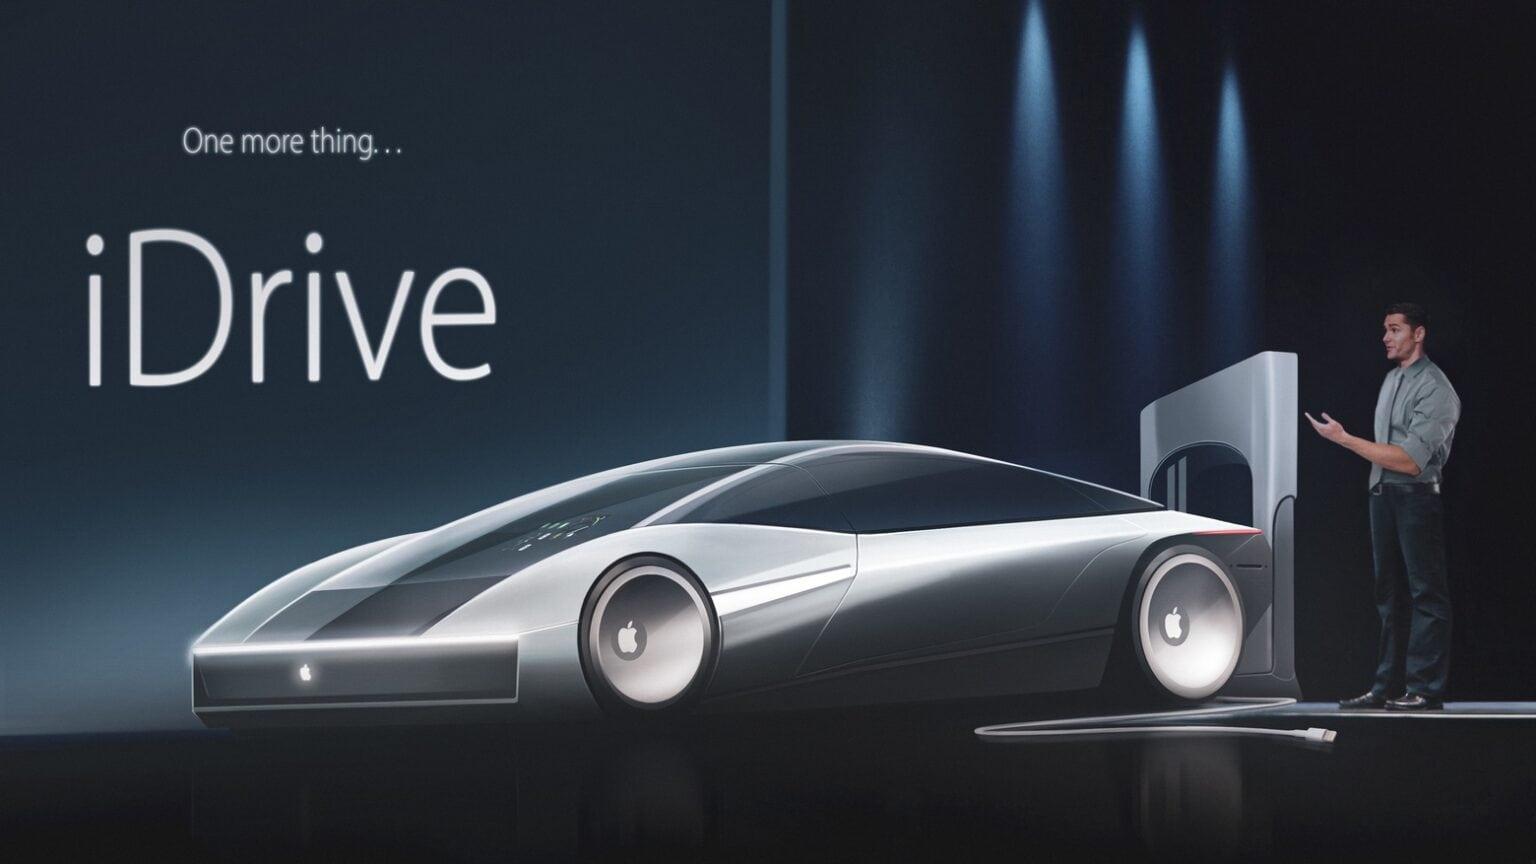 Bỏ mảng kinh doanh điện thoại di động, LG sắp giành hợp đồng sản xuất xe điện Apple